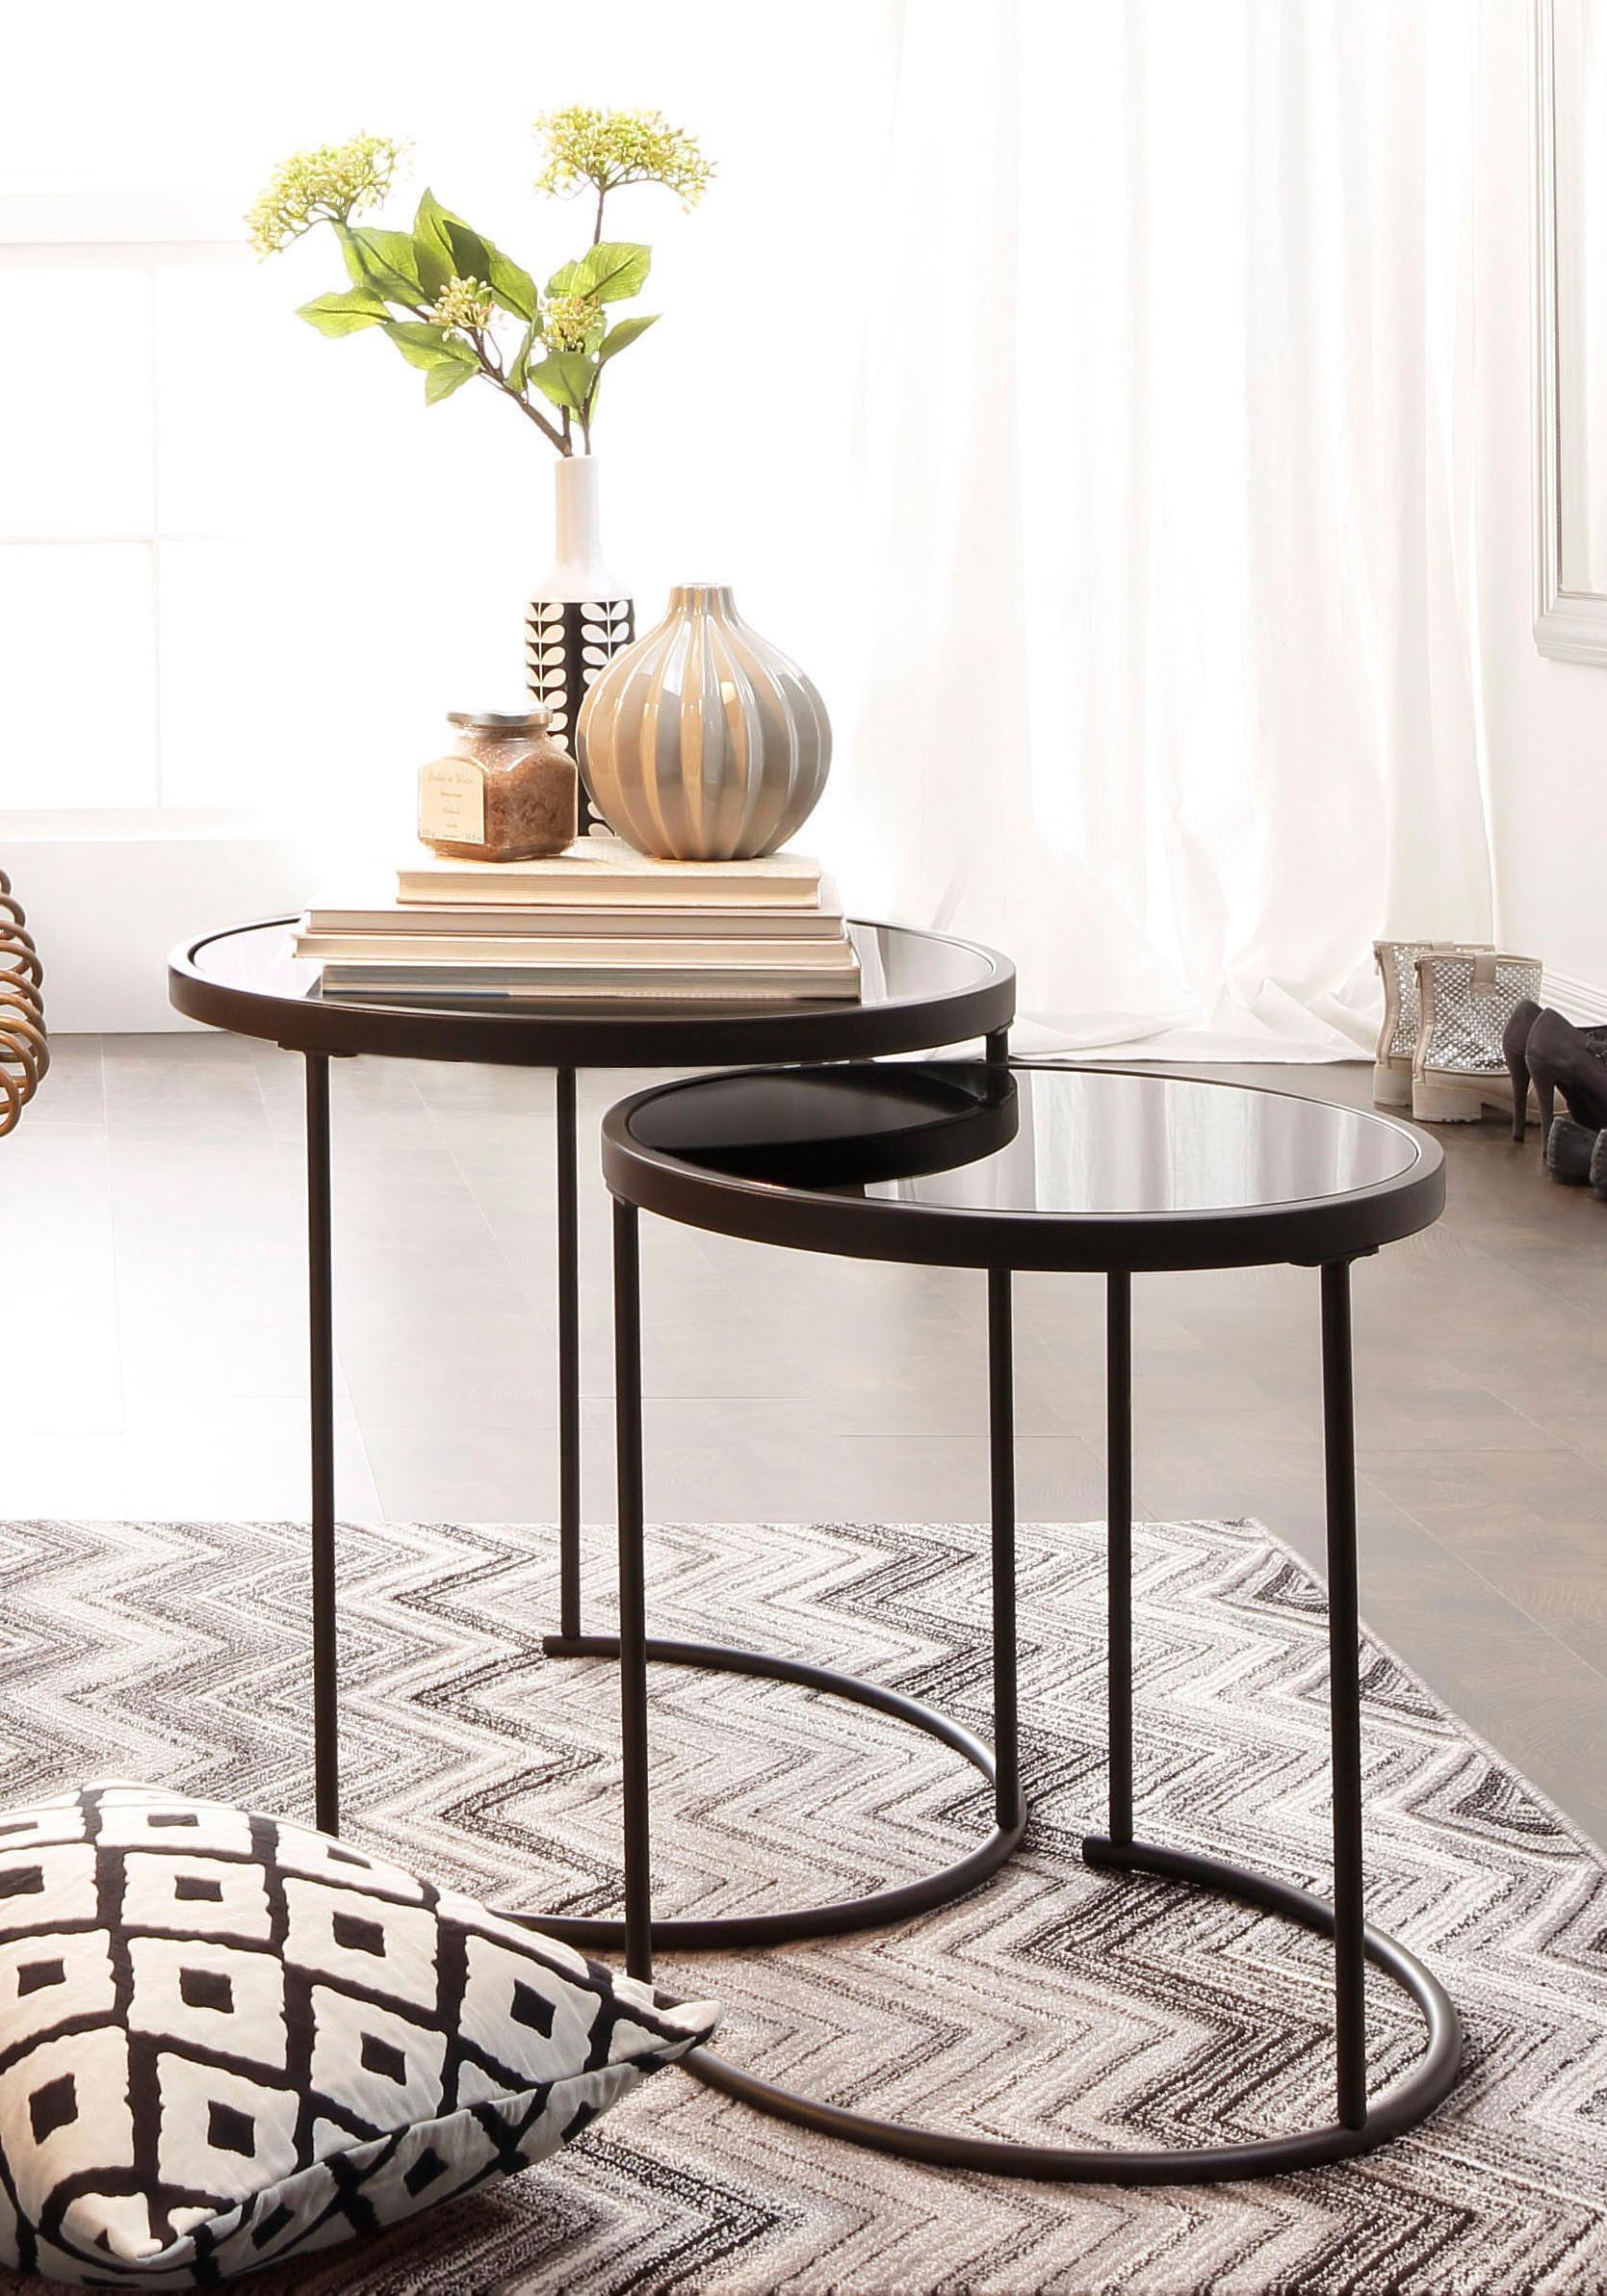 Home affaire Beistelltisch, (Set, 2 St.) schwarz Beistelltische Tische Beistelltisch